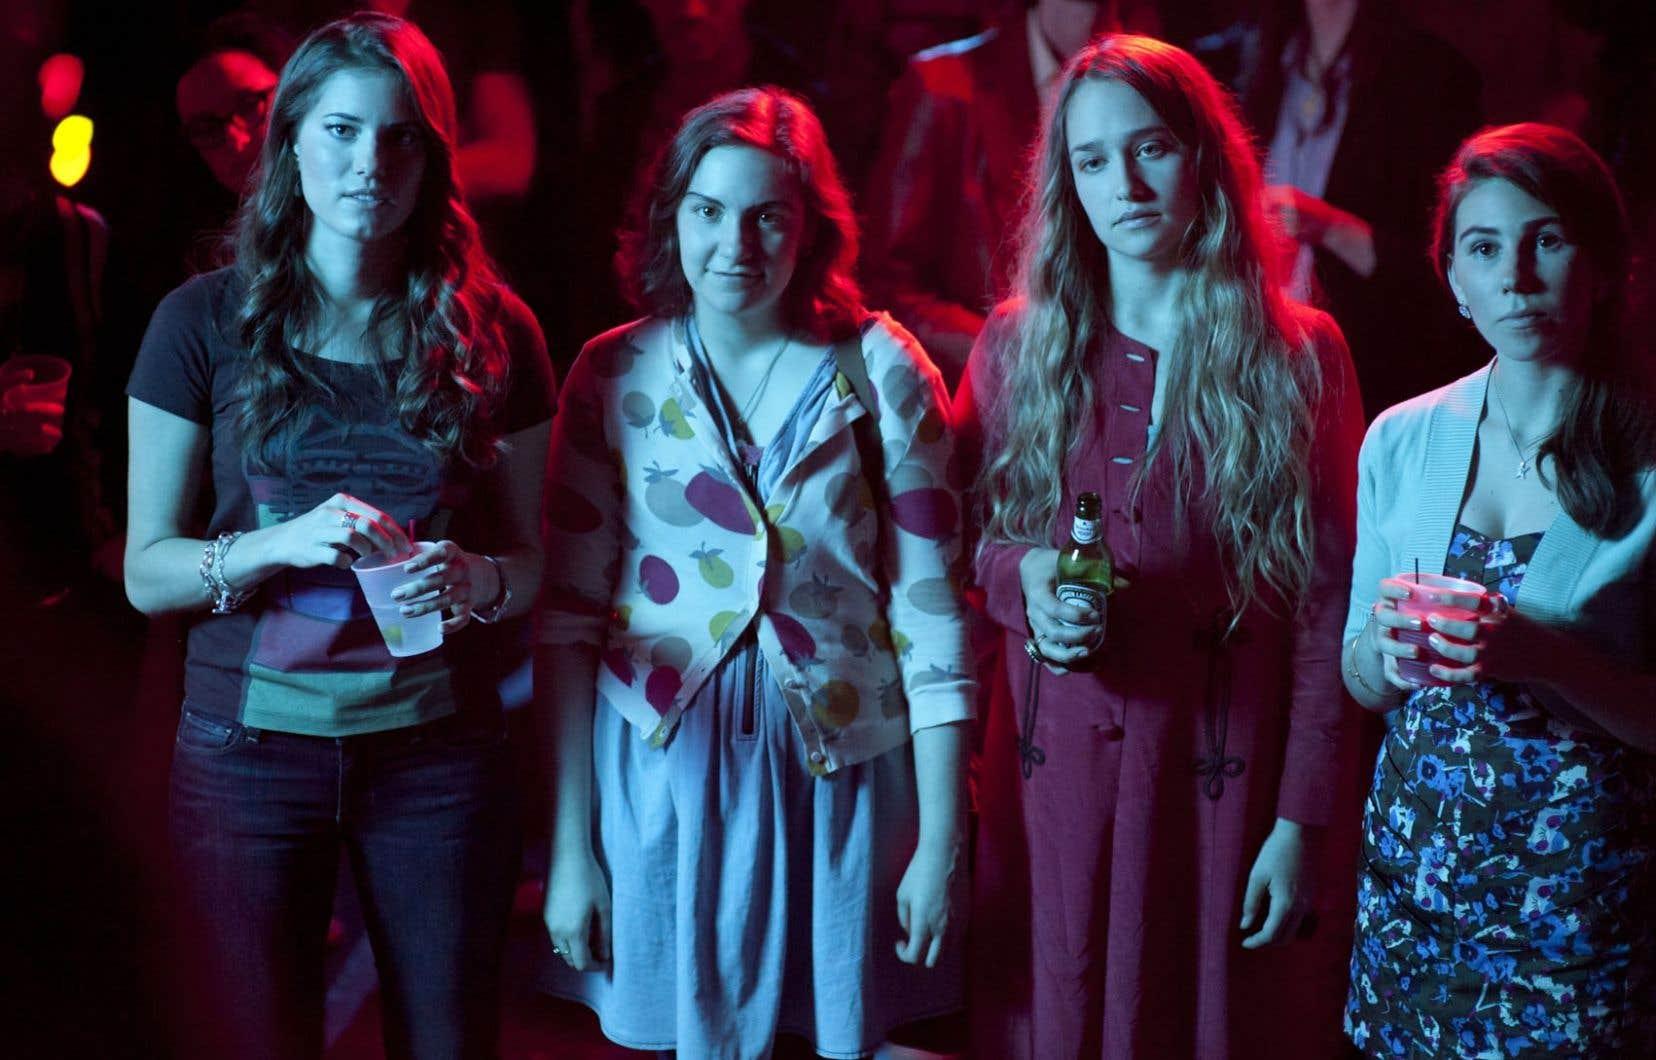 Après une première diffusion à Super Écran, la comédie dramatique américaine Girls fait son entrée à Artv le mardi à 22h.